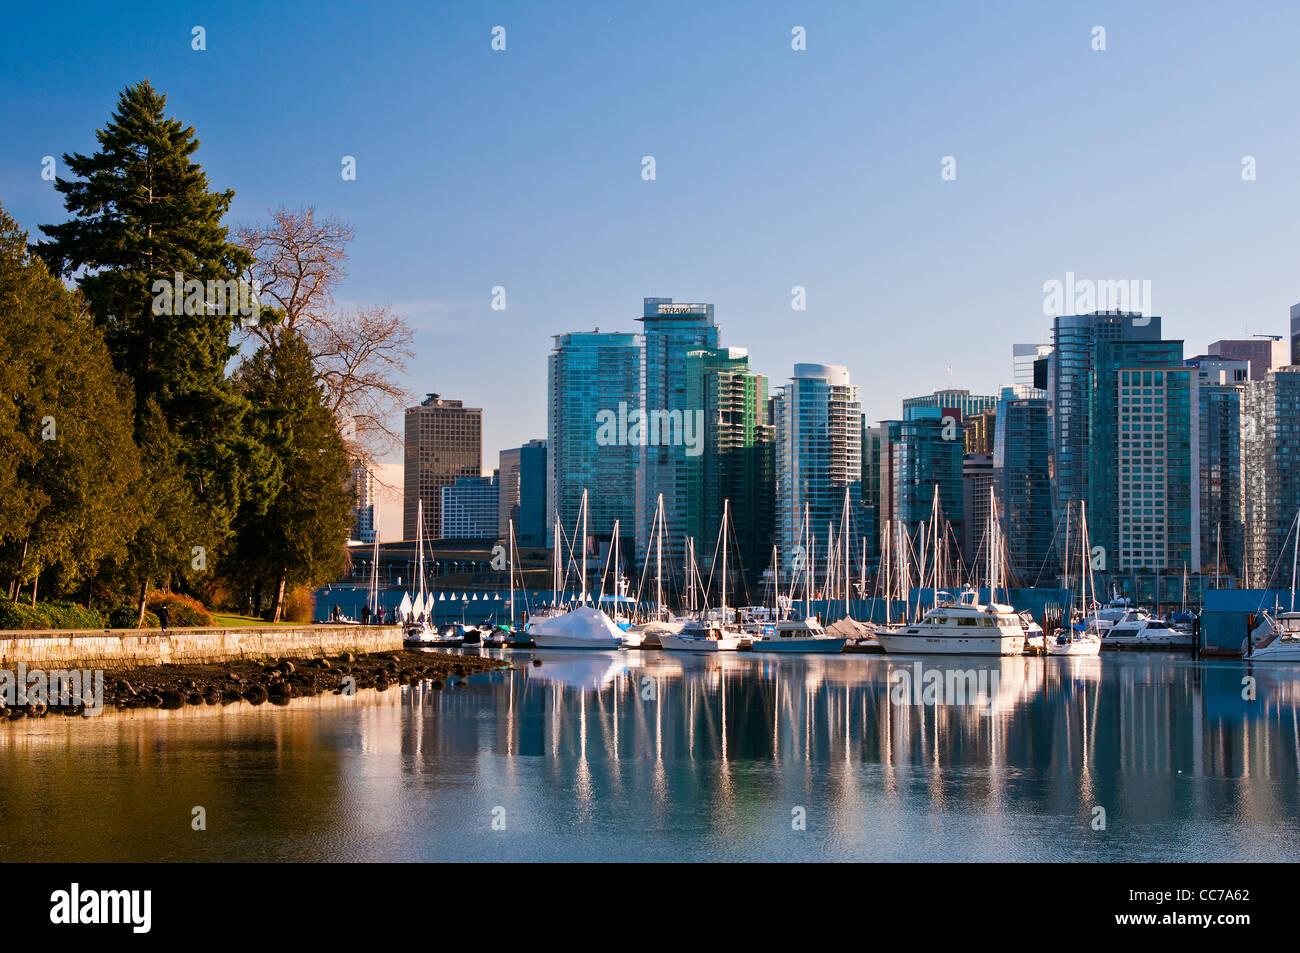 Vue panoramique sur le centre-ville et la Marina, Vancouver, British Columbia, Canada Photo Stock